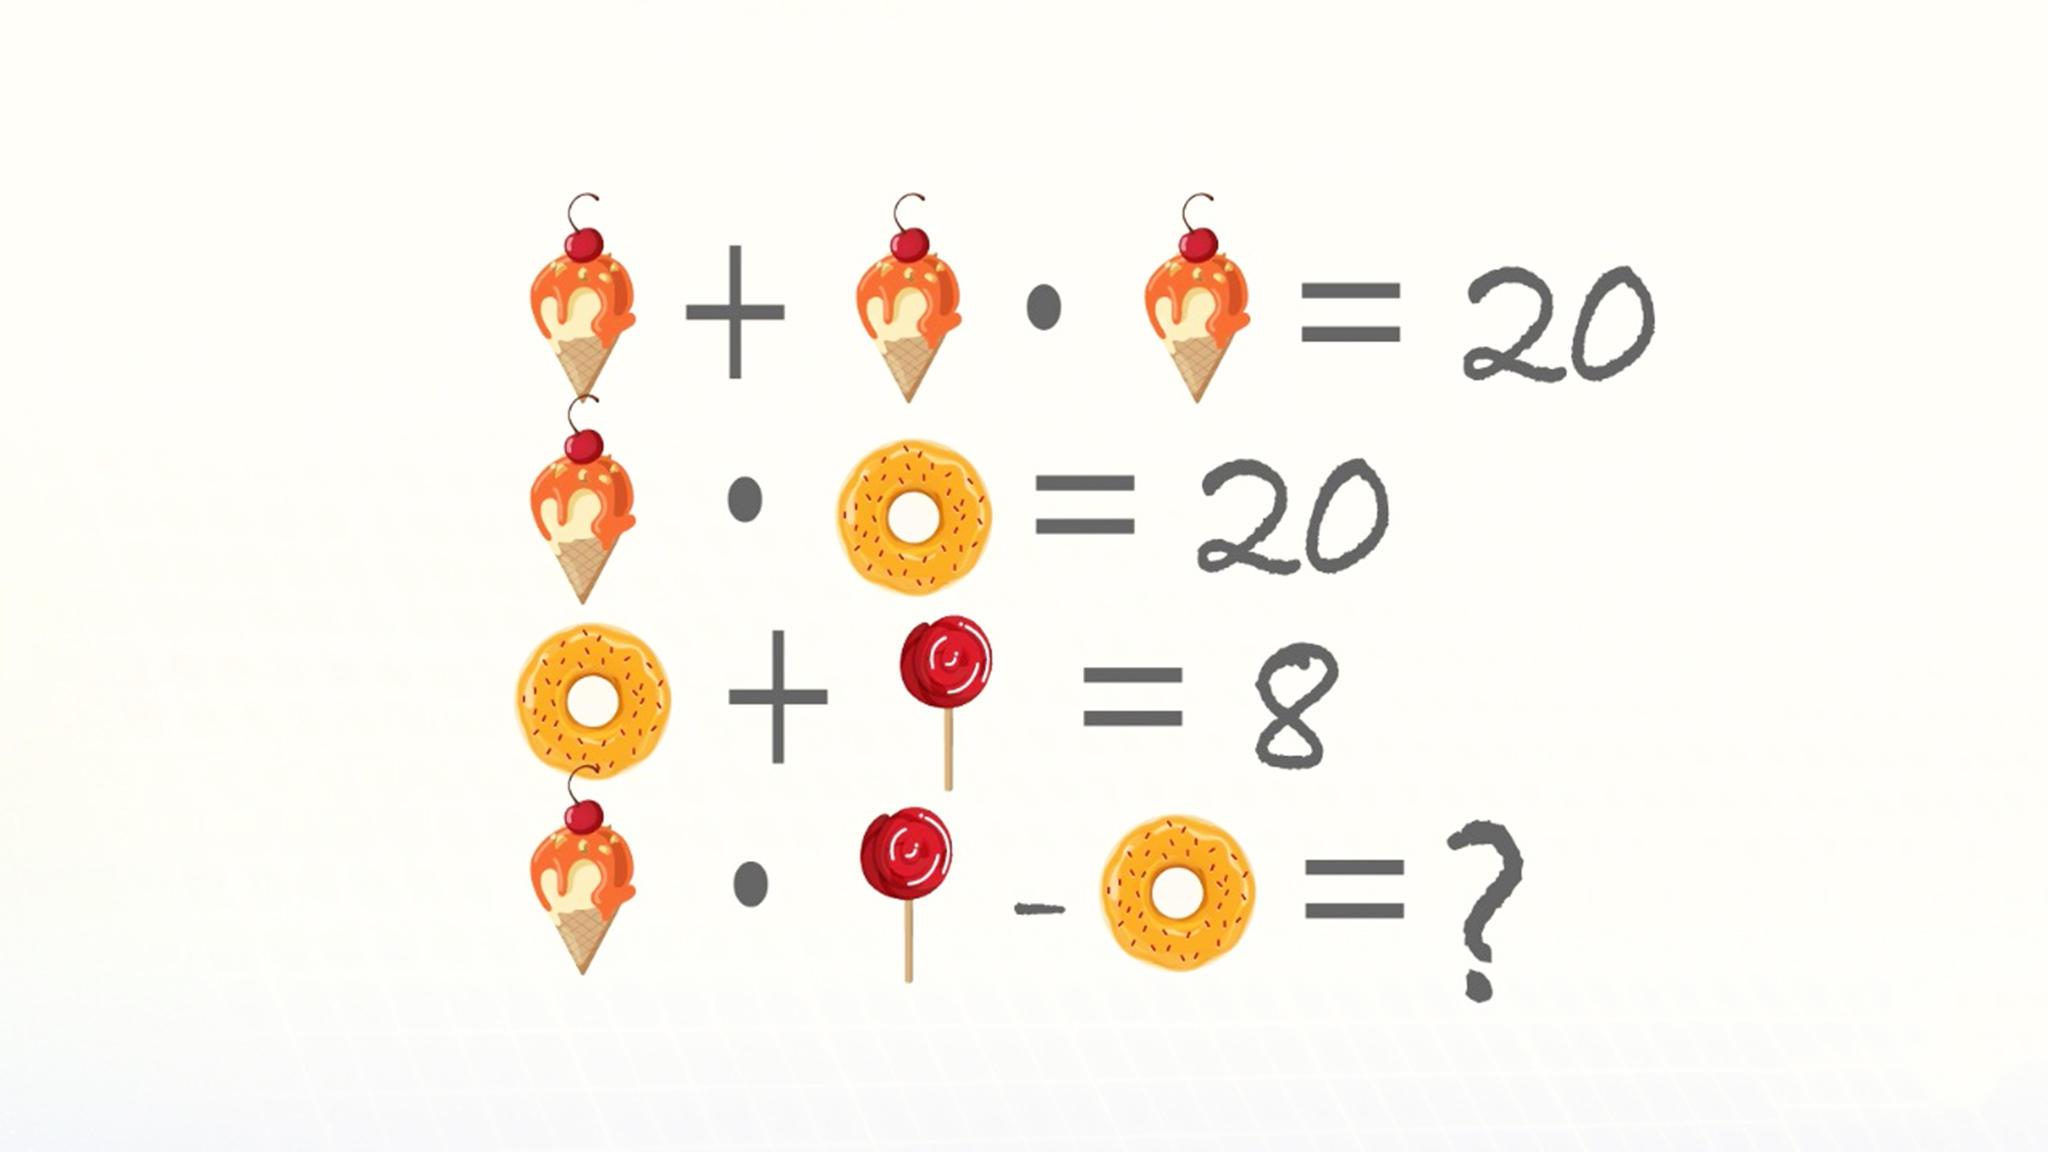 Denksport Jedes Symbol Steht Für Eine Zahl Könnt Ihr Dieses